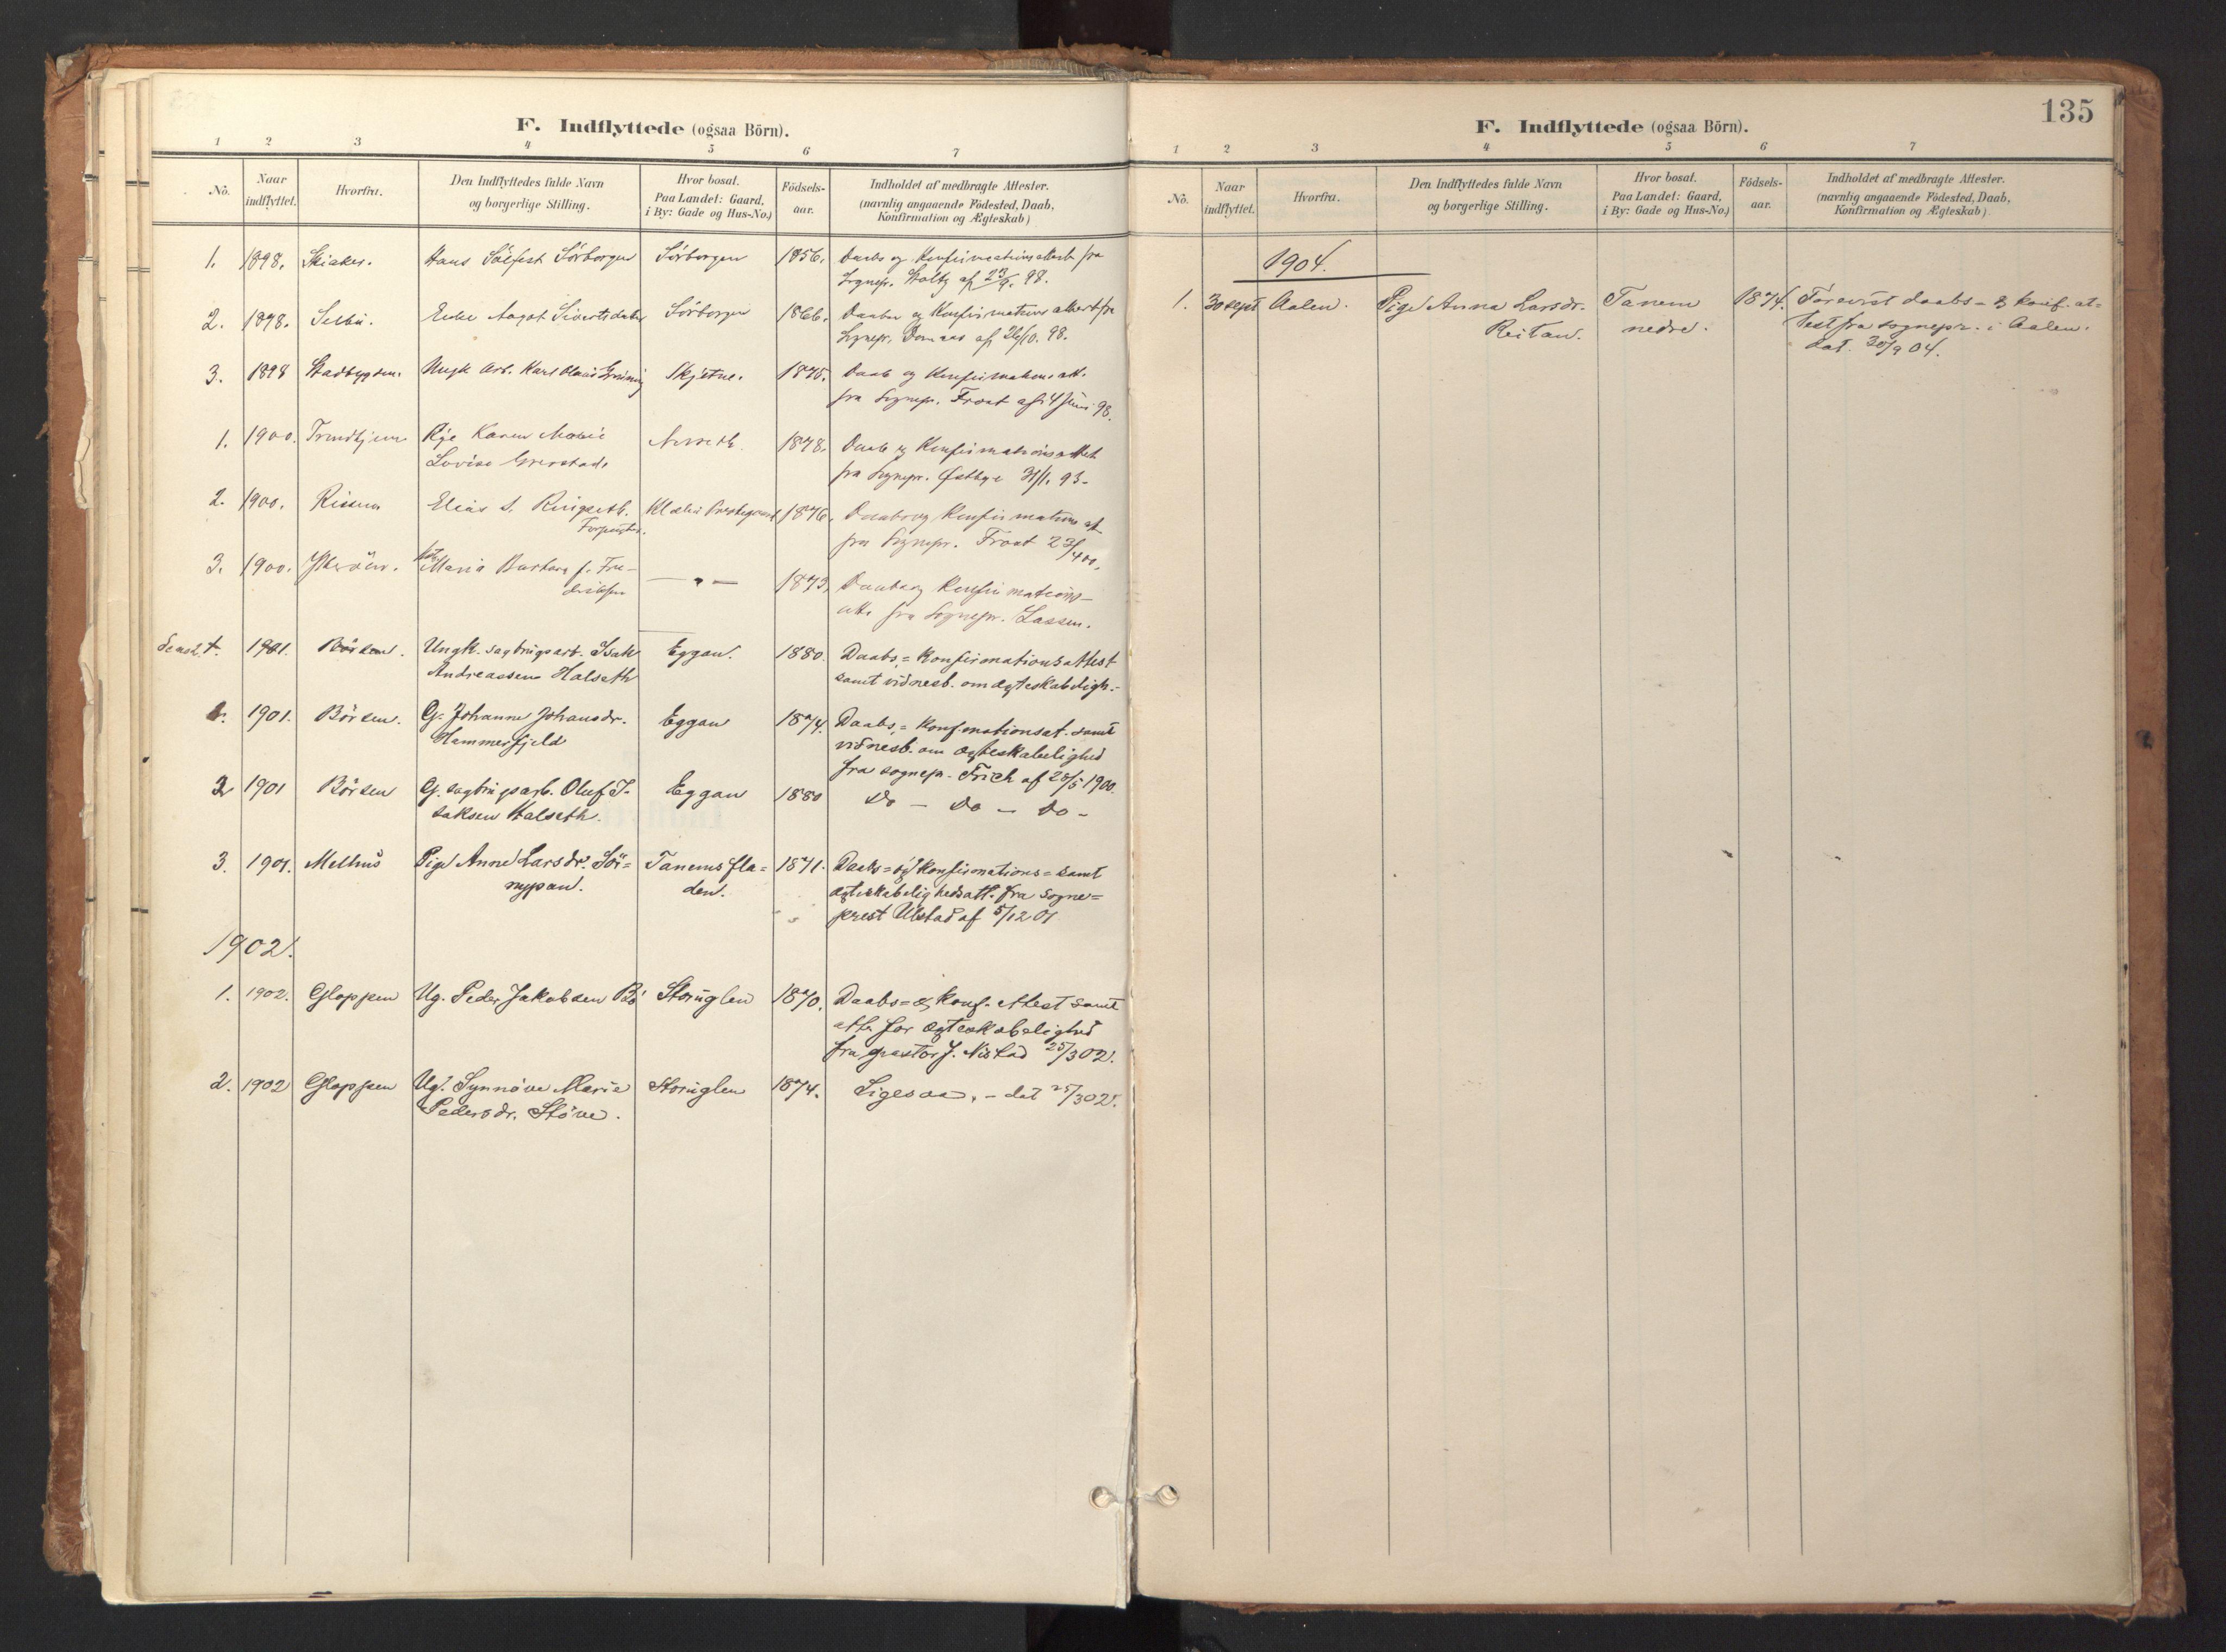 SAT, Ministerialprotokoller, klokkerbøker og fødselsregistre - Sør-Trøndelag, 618/L0448: Ministerialbok nr. 618A11, 1898-1916, s. 135